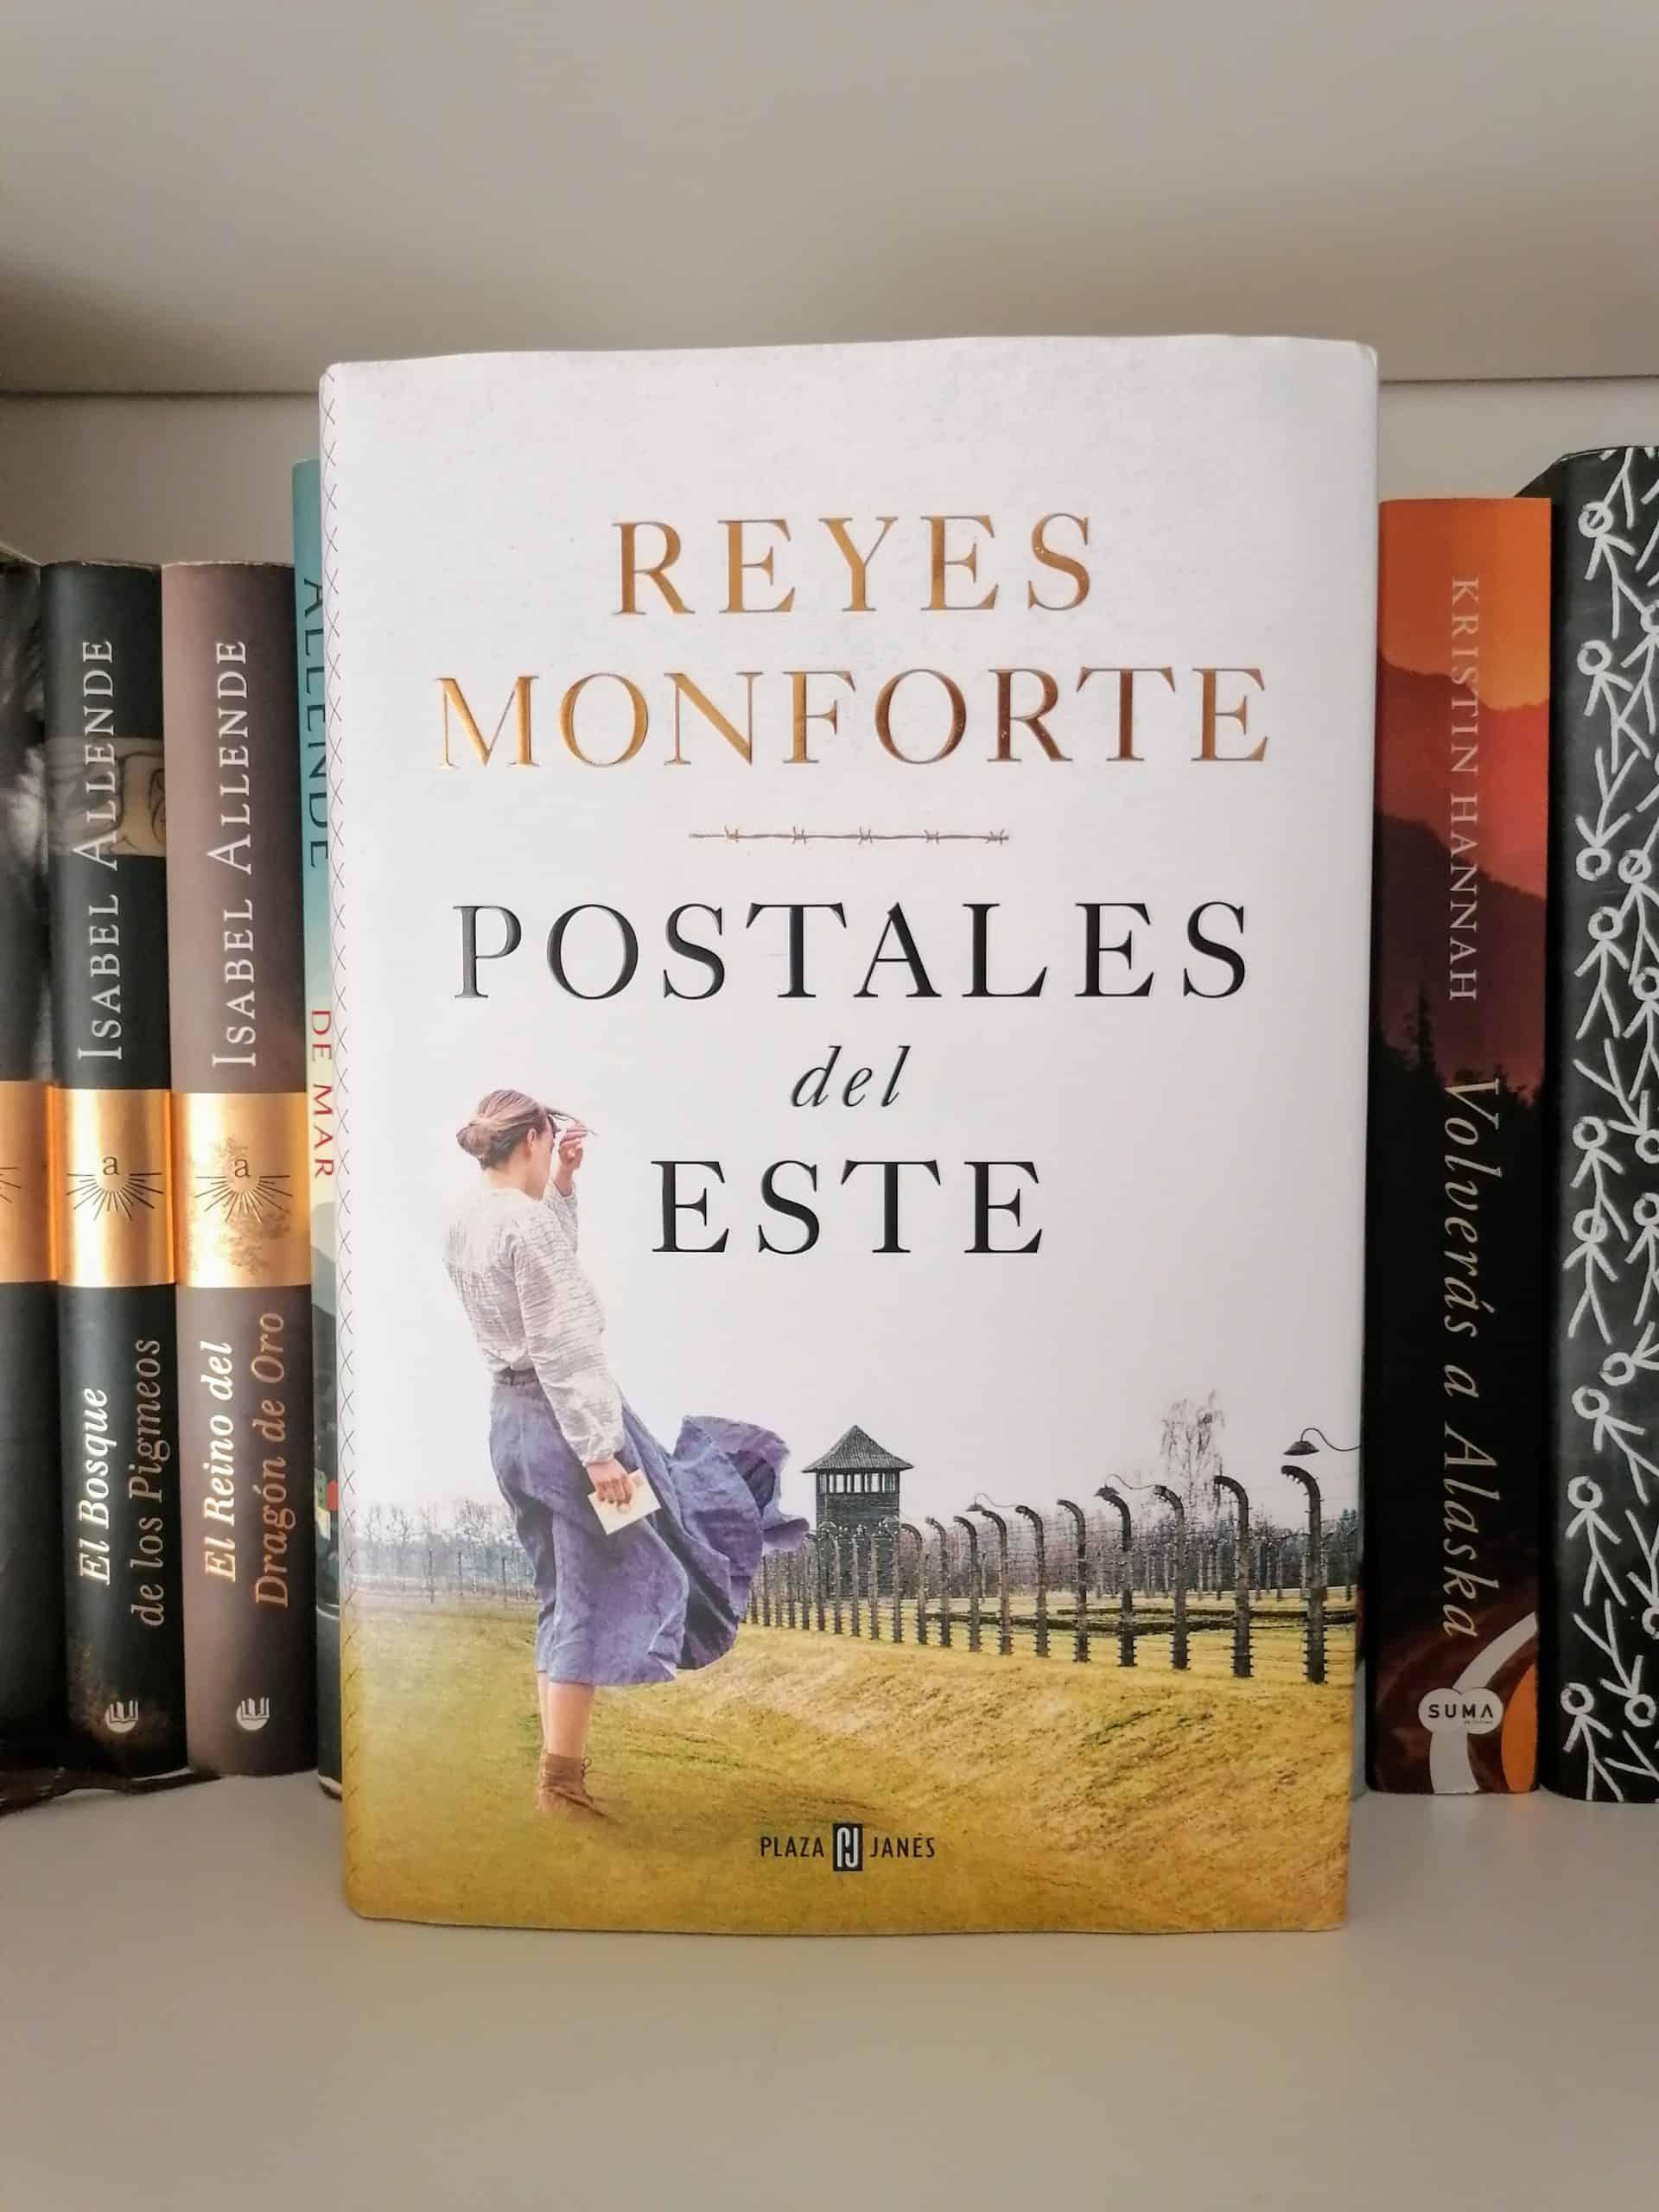 Postales del este, de Reyes Monforte.